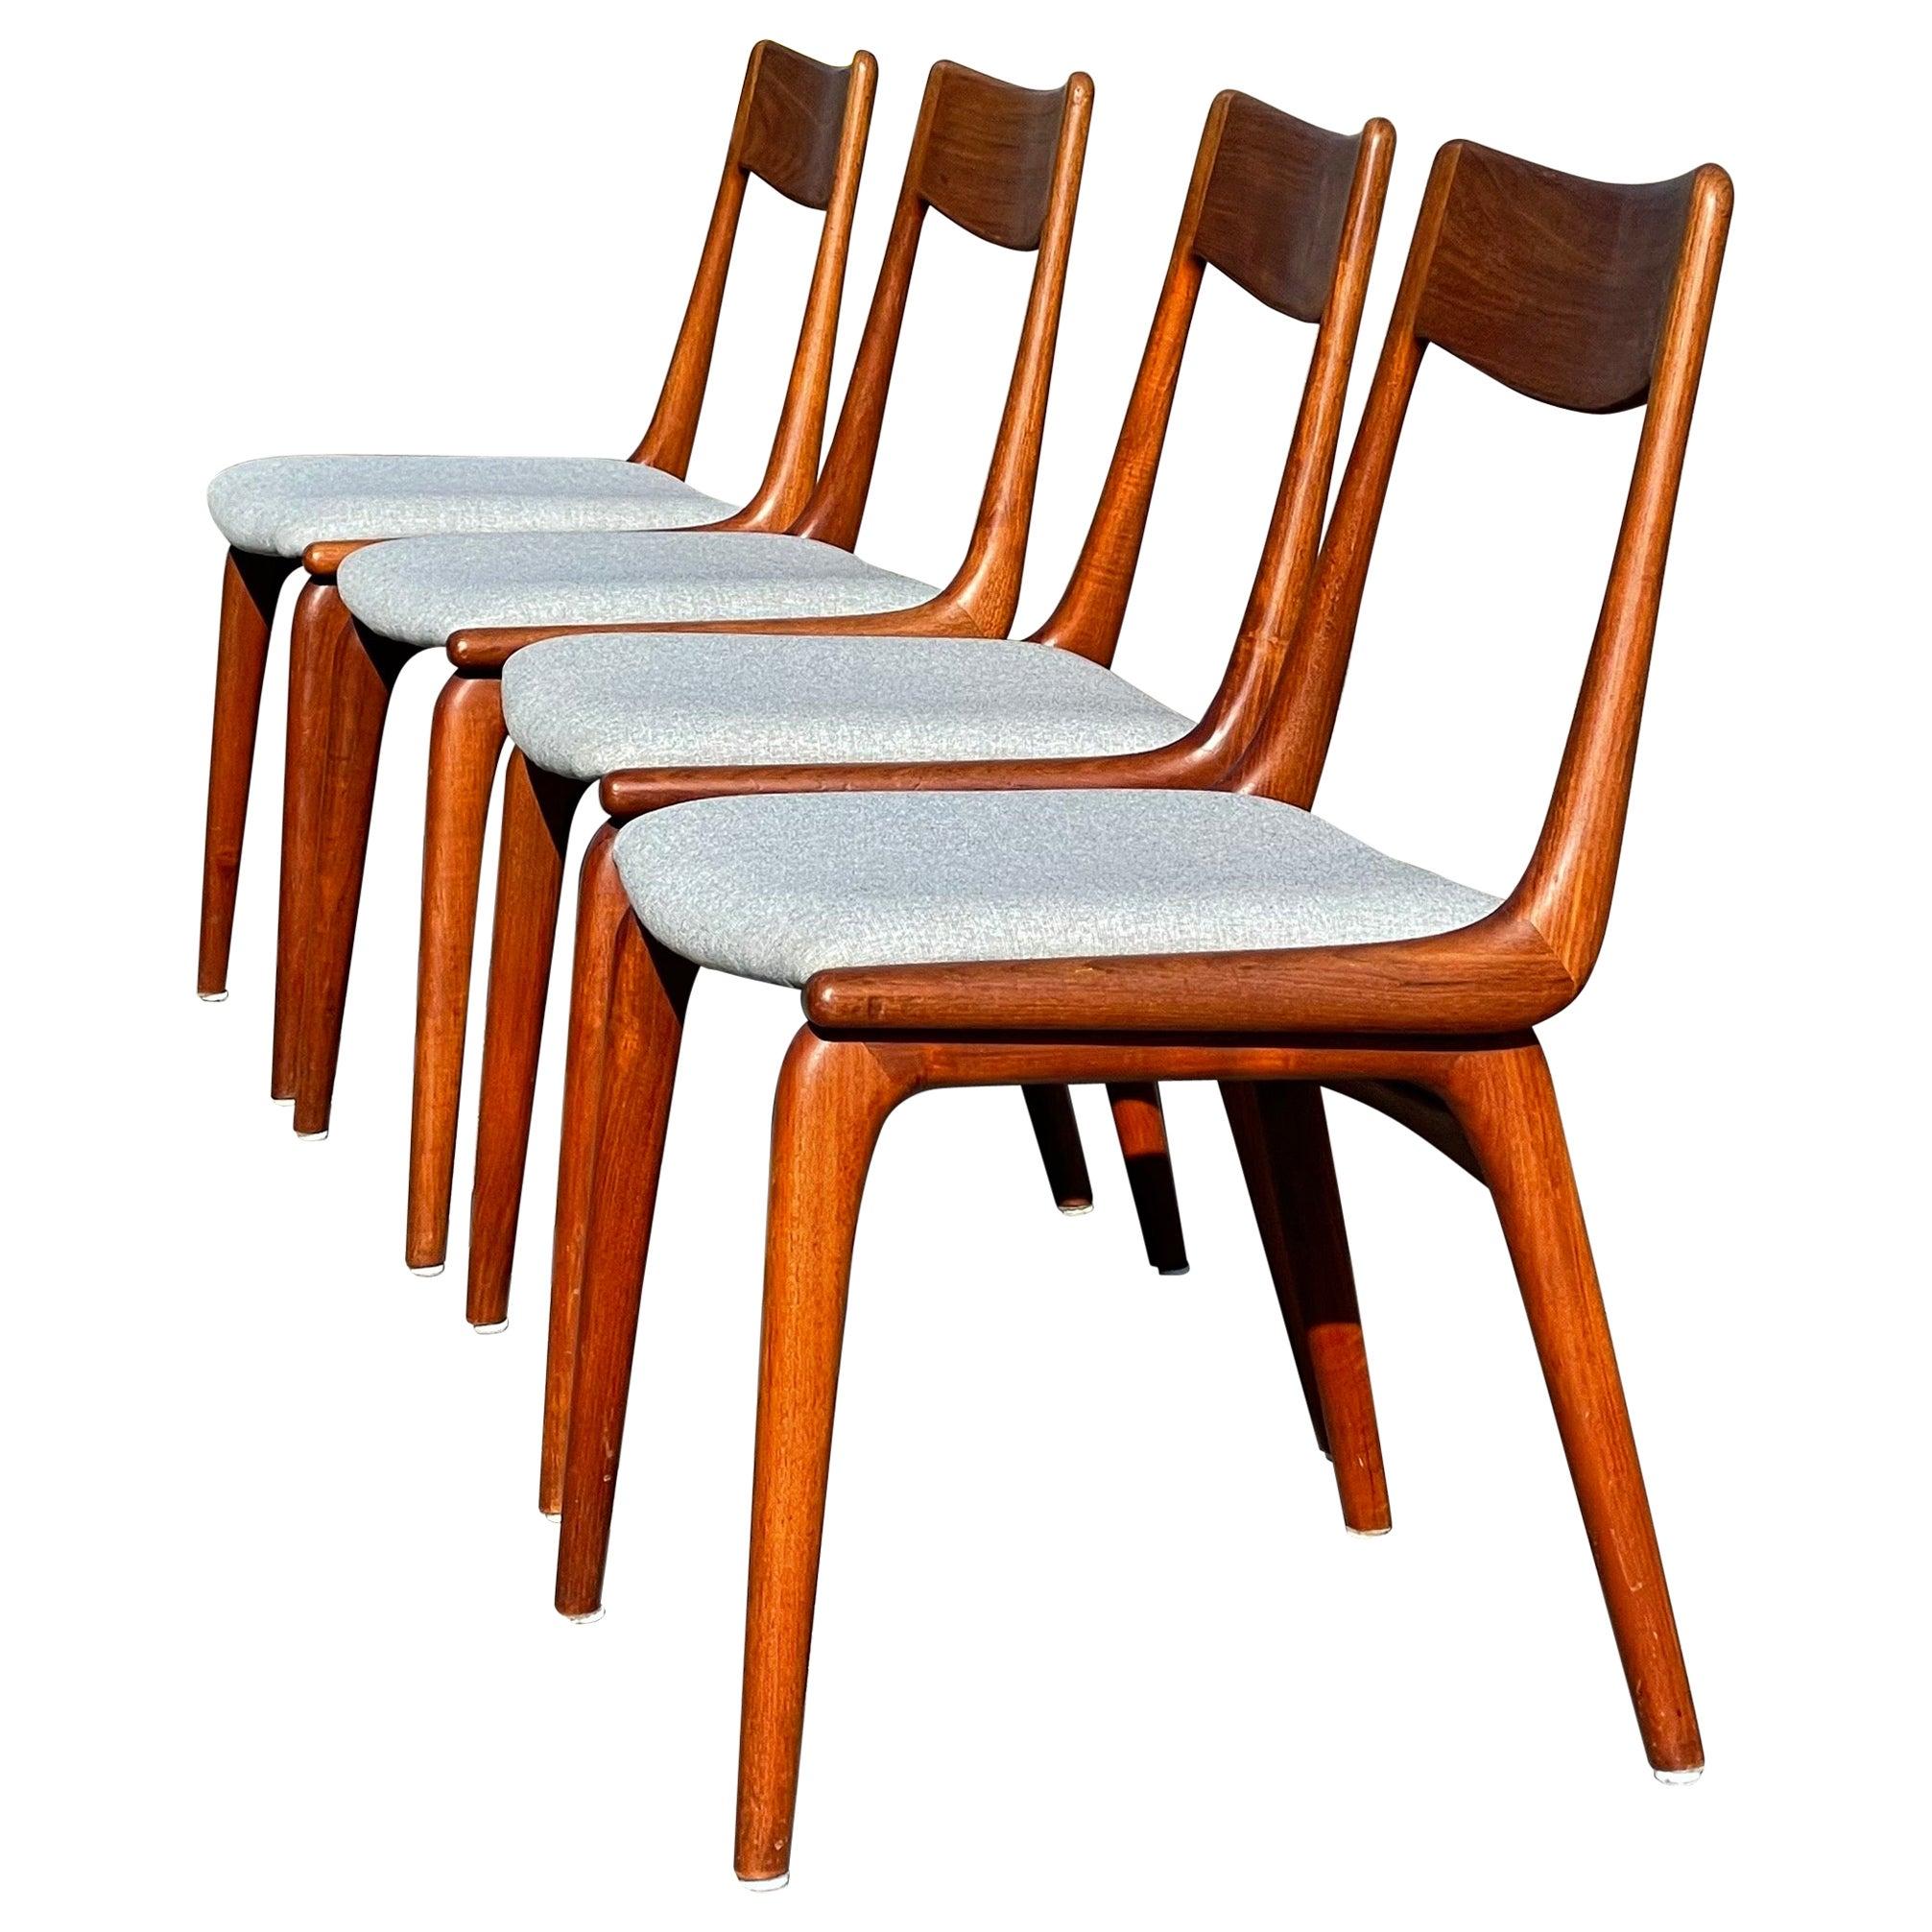 Midcentury Teak Boomerang Chairs #370 by E. Christensen for Slagelse, Set of 4